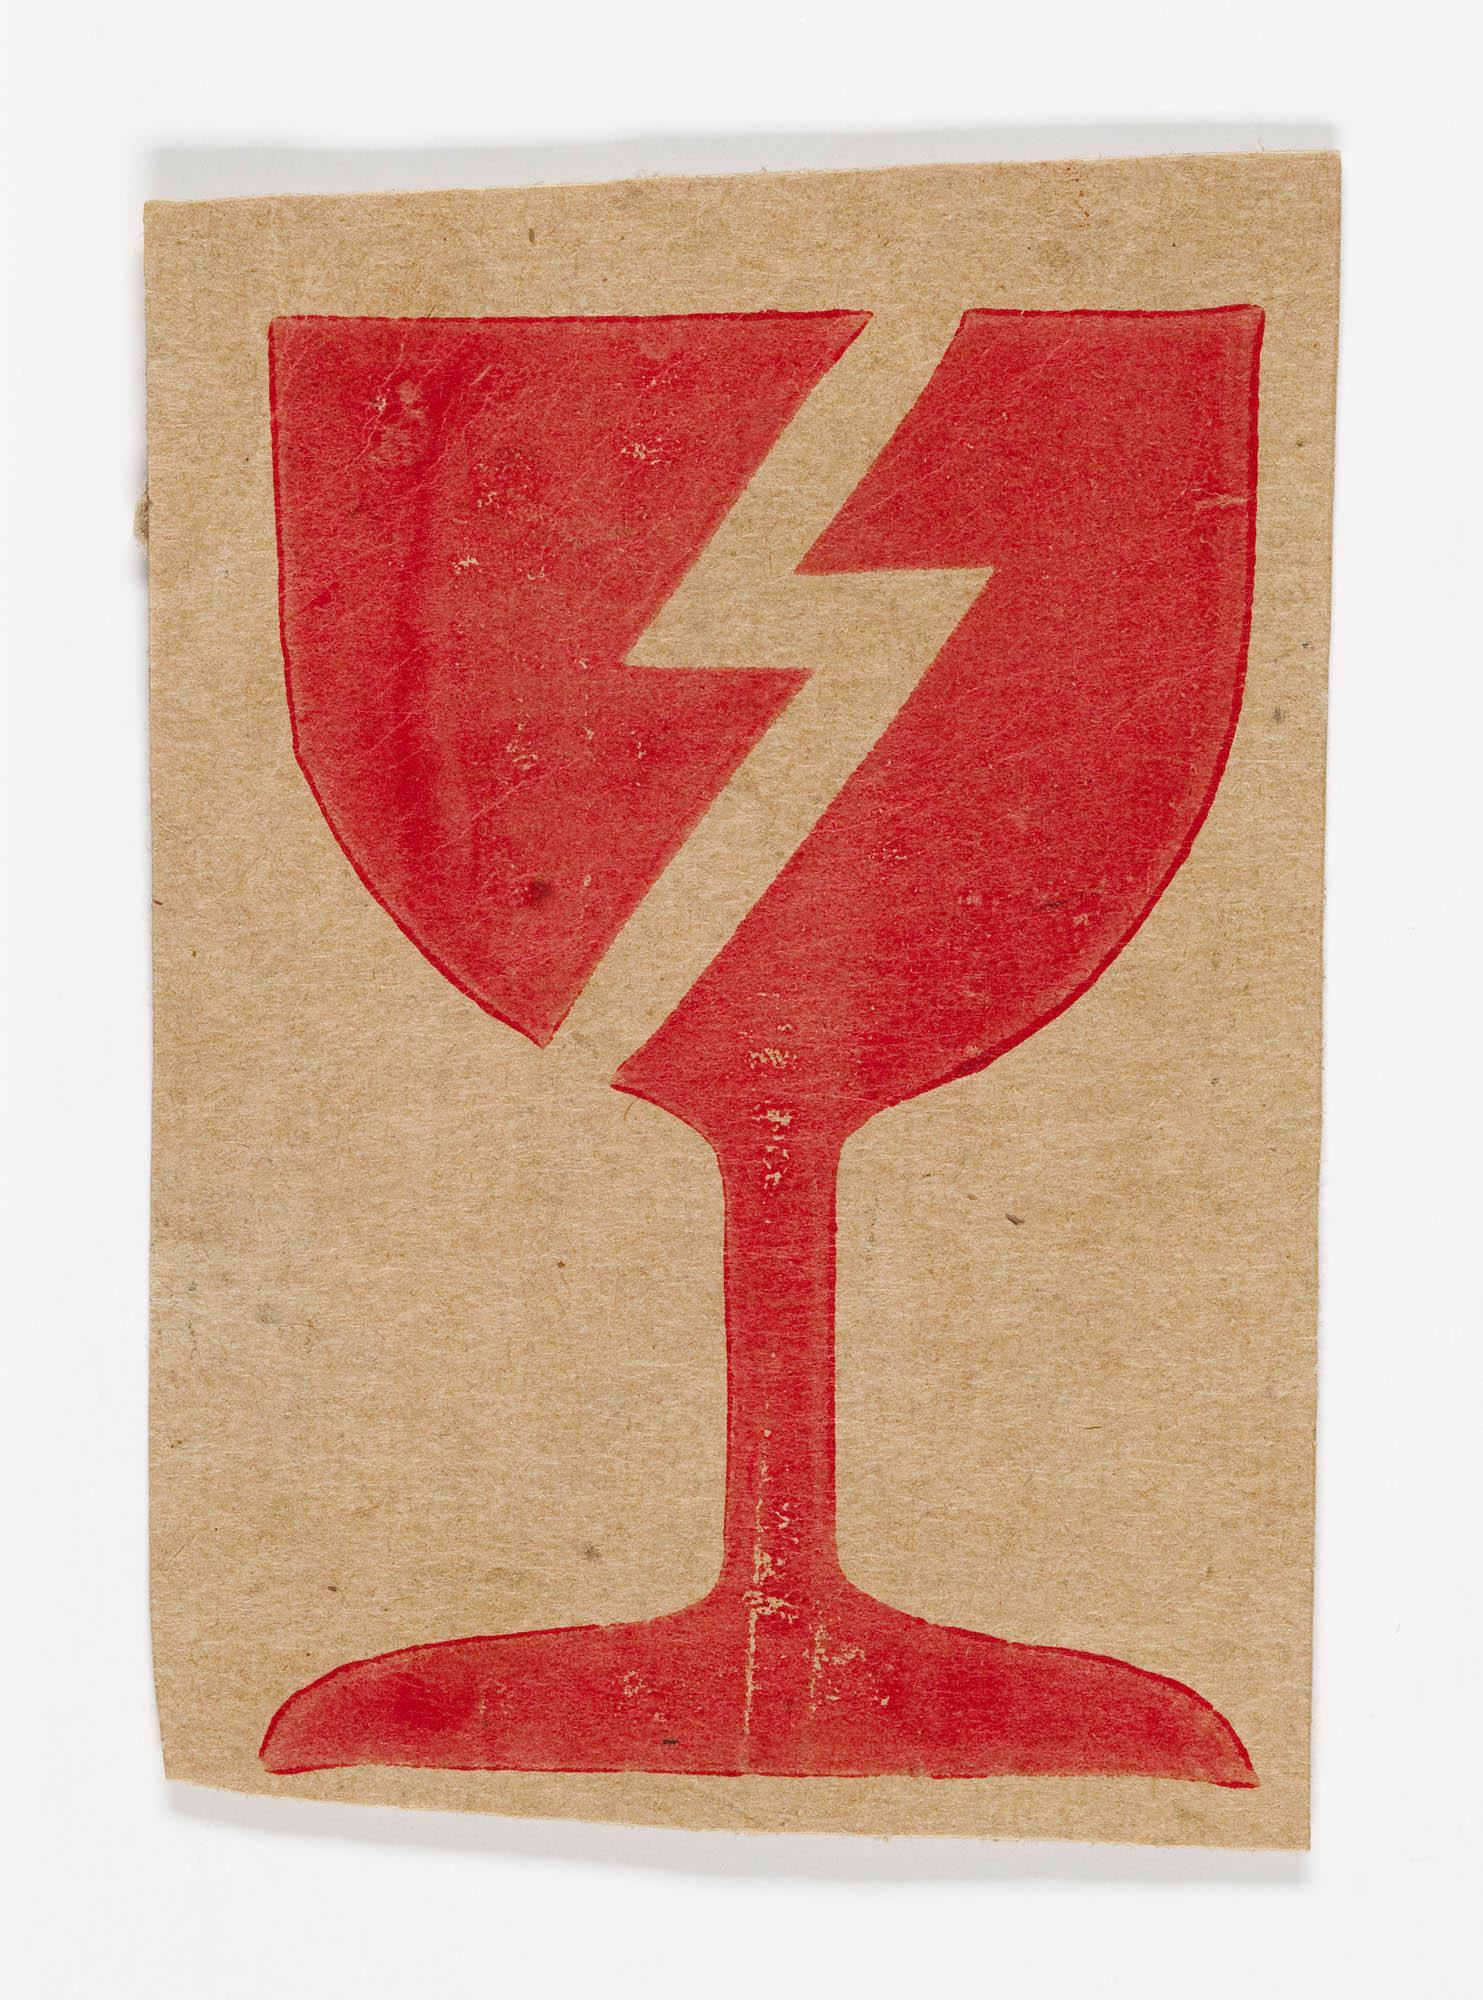 Poulet Sammlung Hans-Rudolf Lutz Piktogramm